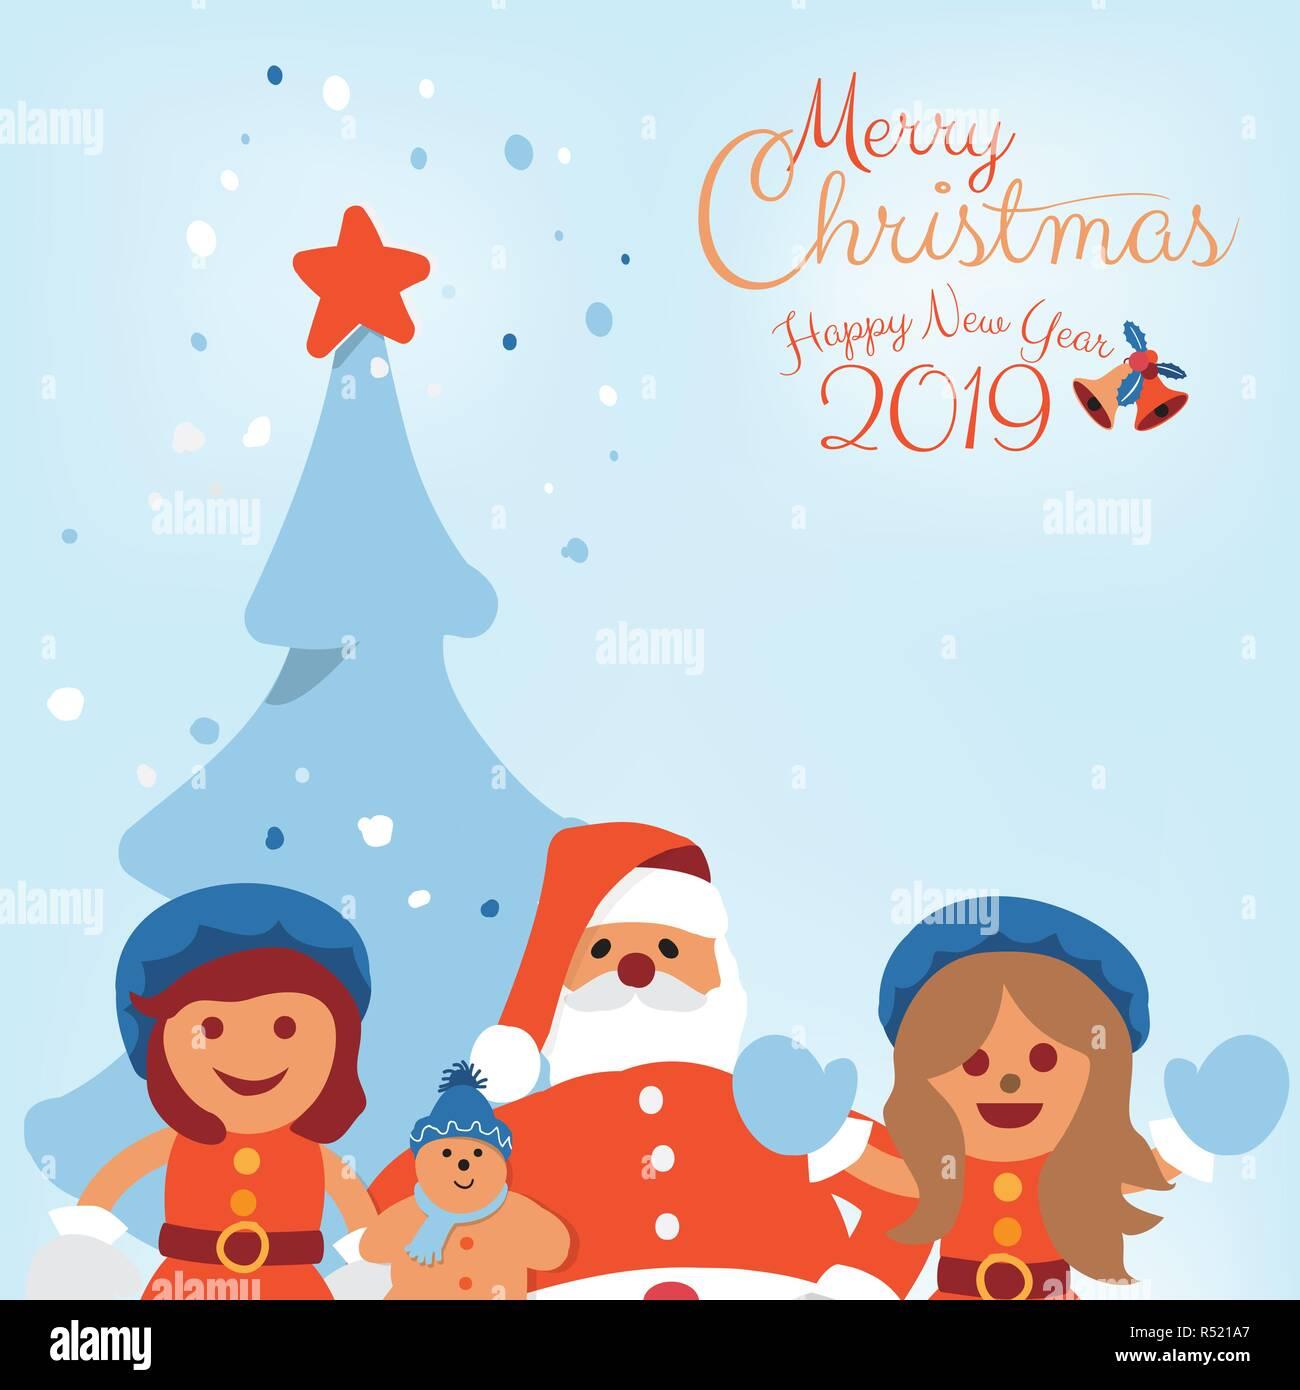 Biglietti Buon Natale Bambini.Buon Natale E Felice Anno Nuovo 2019 Vacanze Biglietto Di Auguri Con